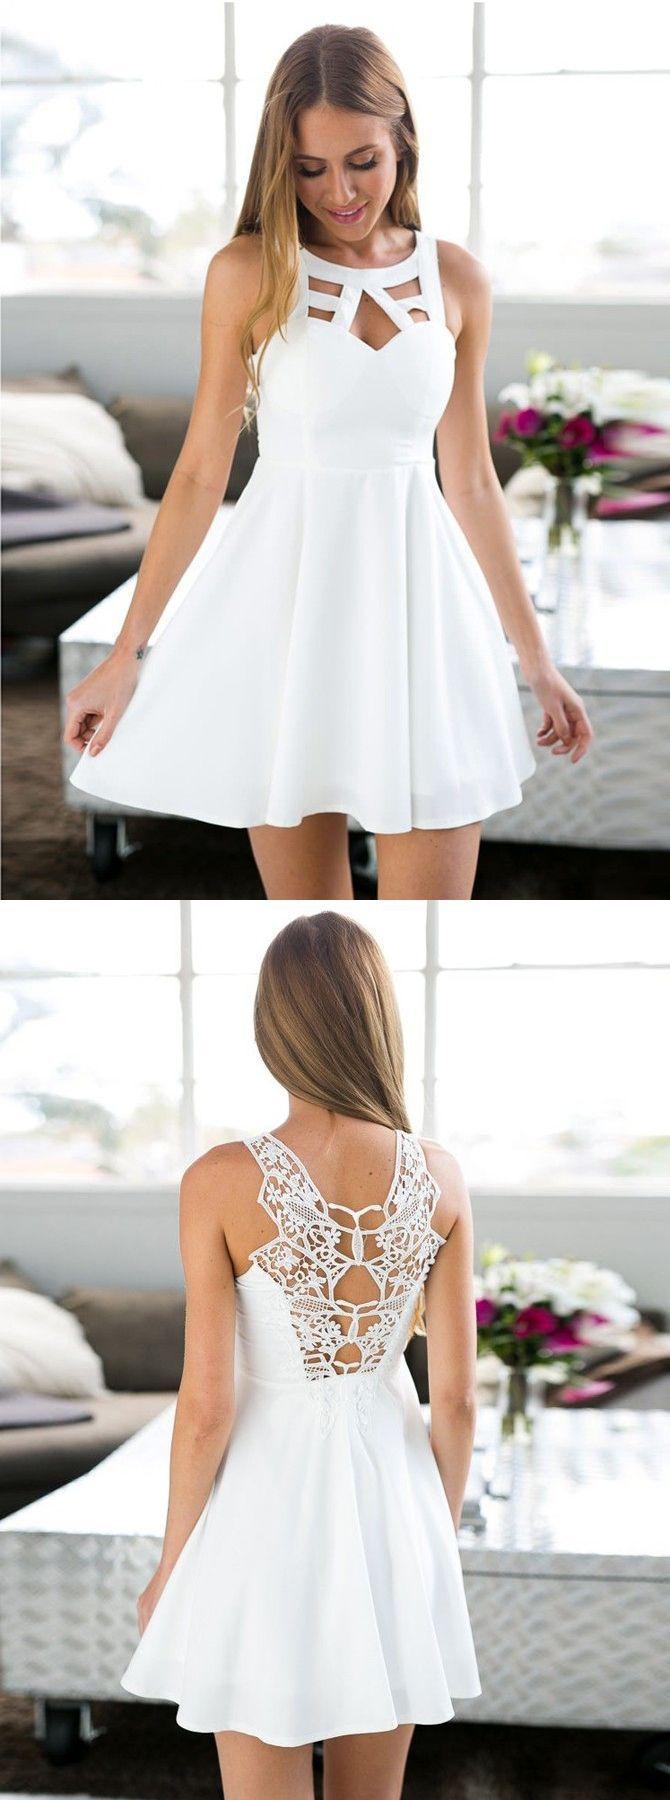 einfache weiße Heimkehrkleider, kurzes Abendkleid mit Schlüsselloch, Fleckentrail